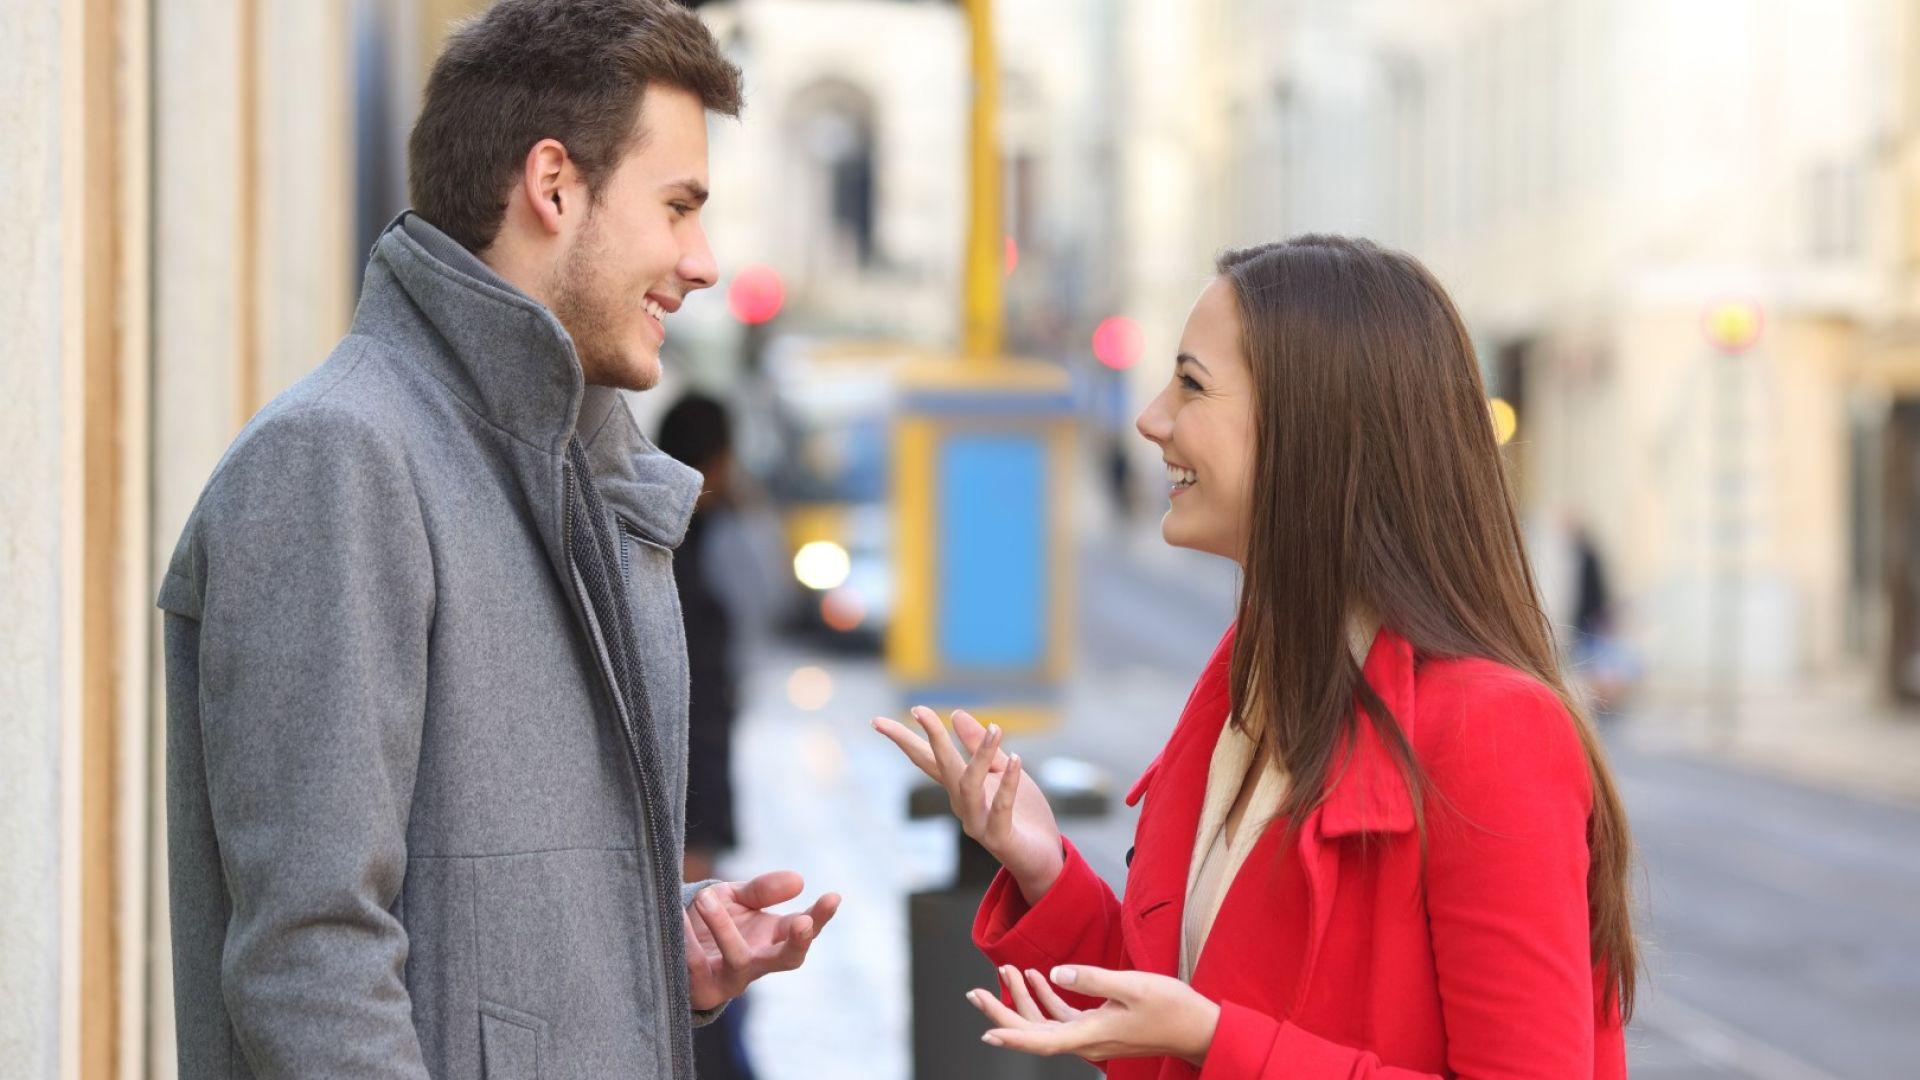 Сексуално заинтересованите жени и мъже говорели с по-нисък глас